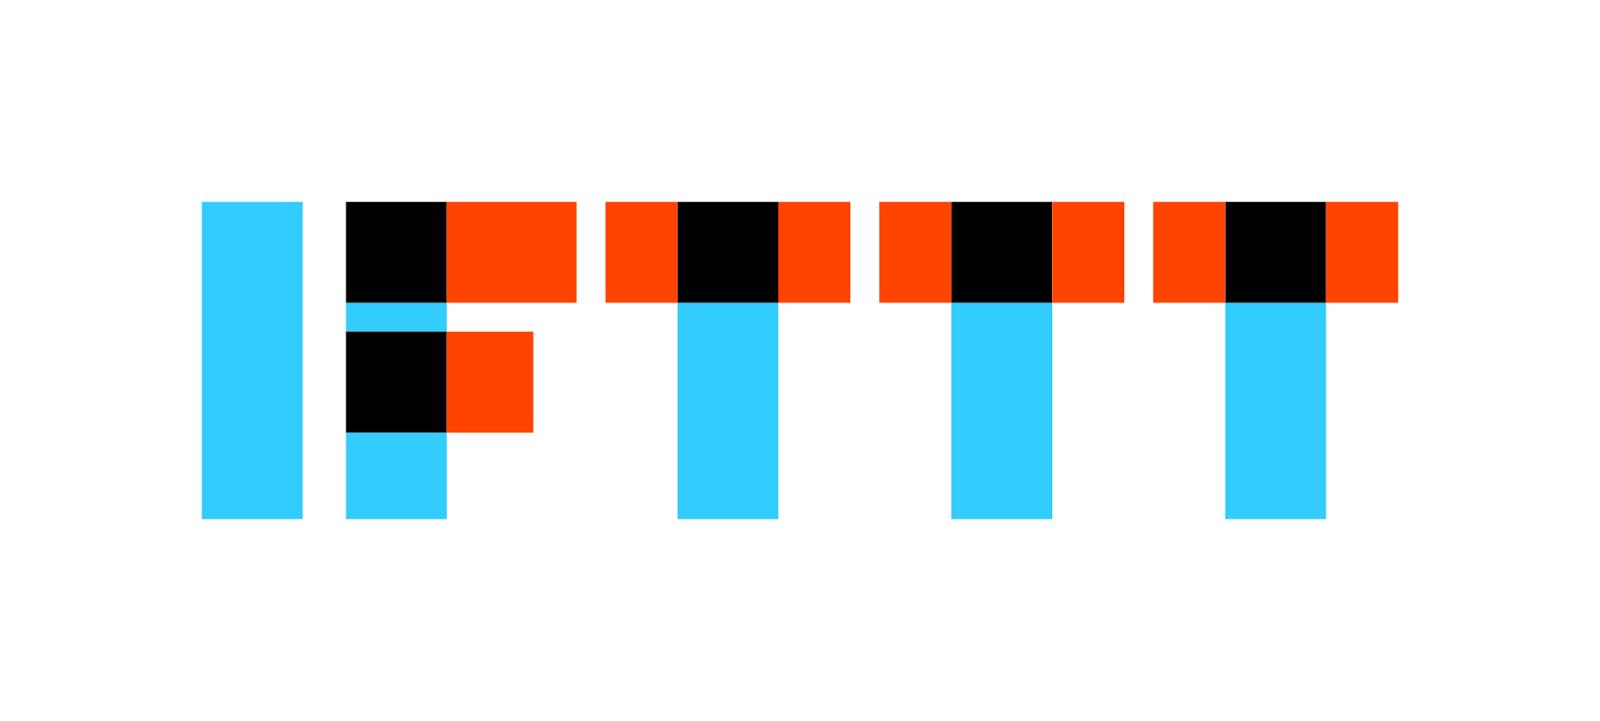 Tự động hóa Internet với IFTTT